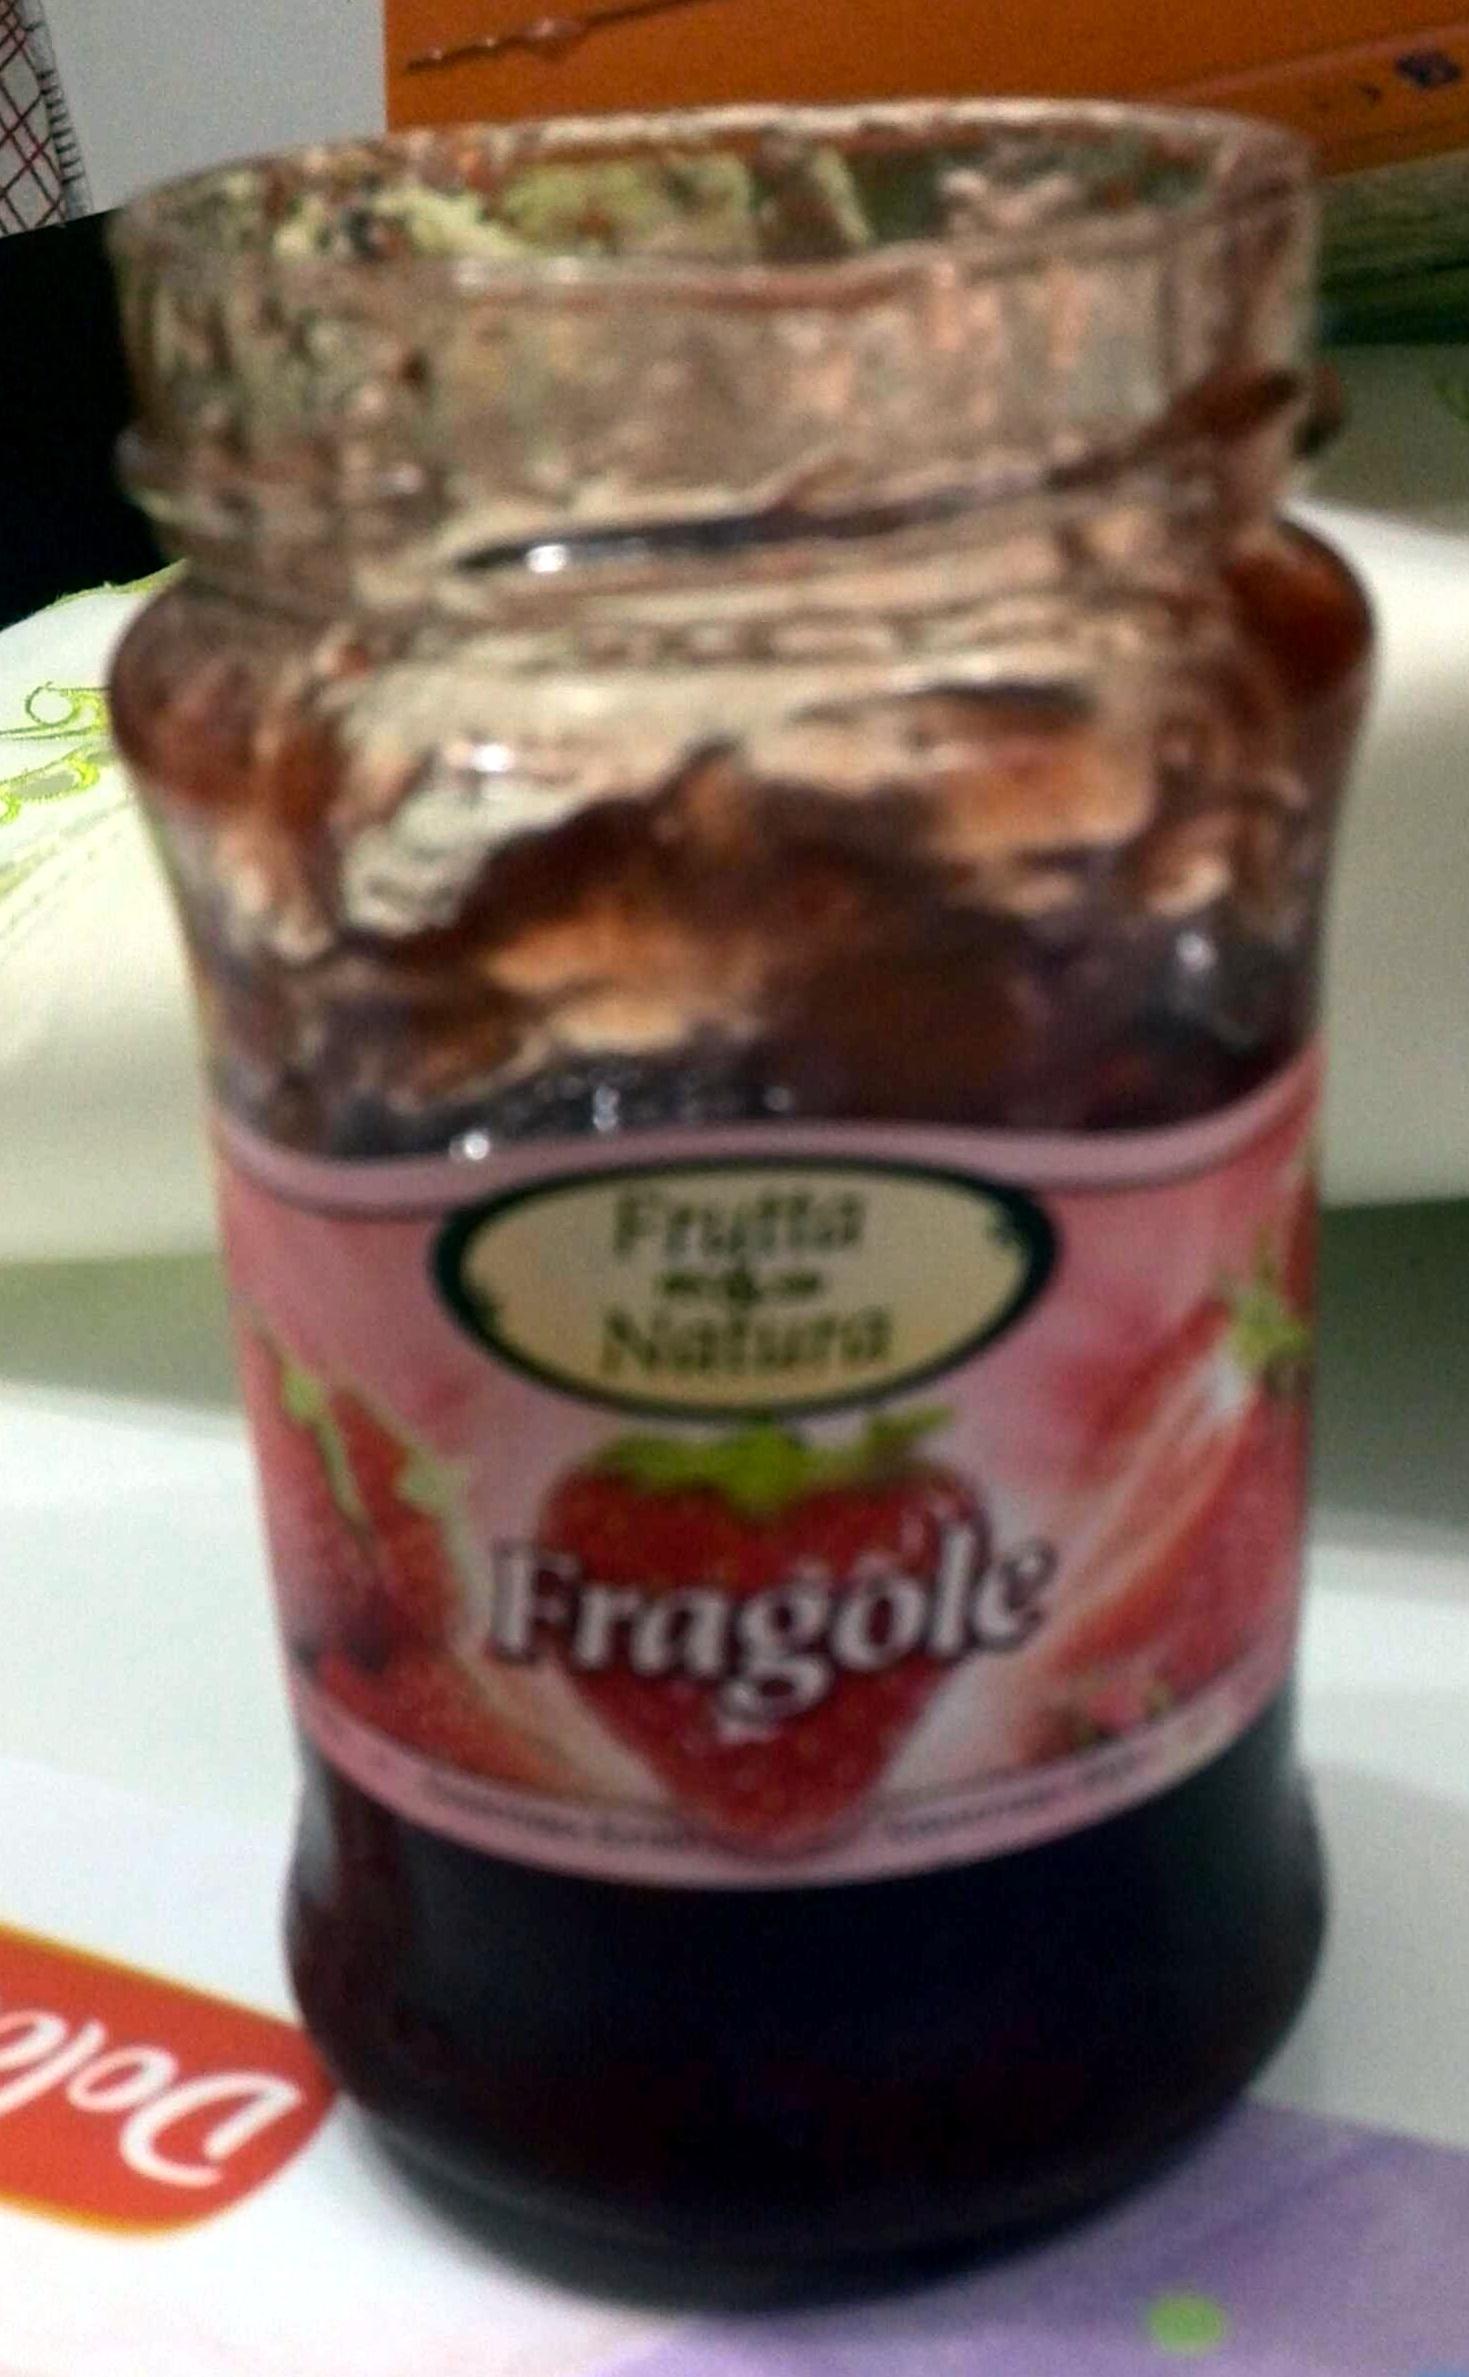 marmellata di fragole - Product